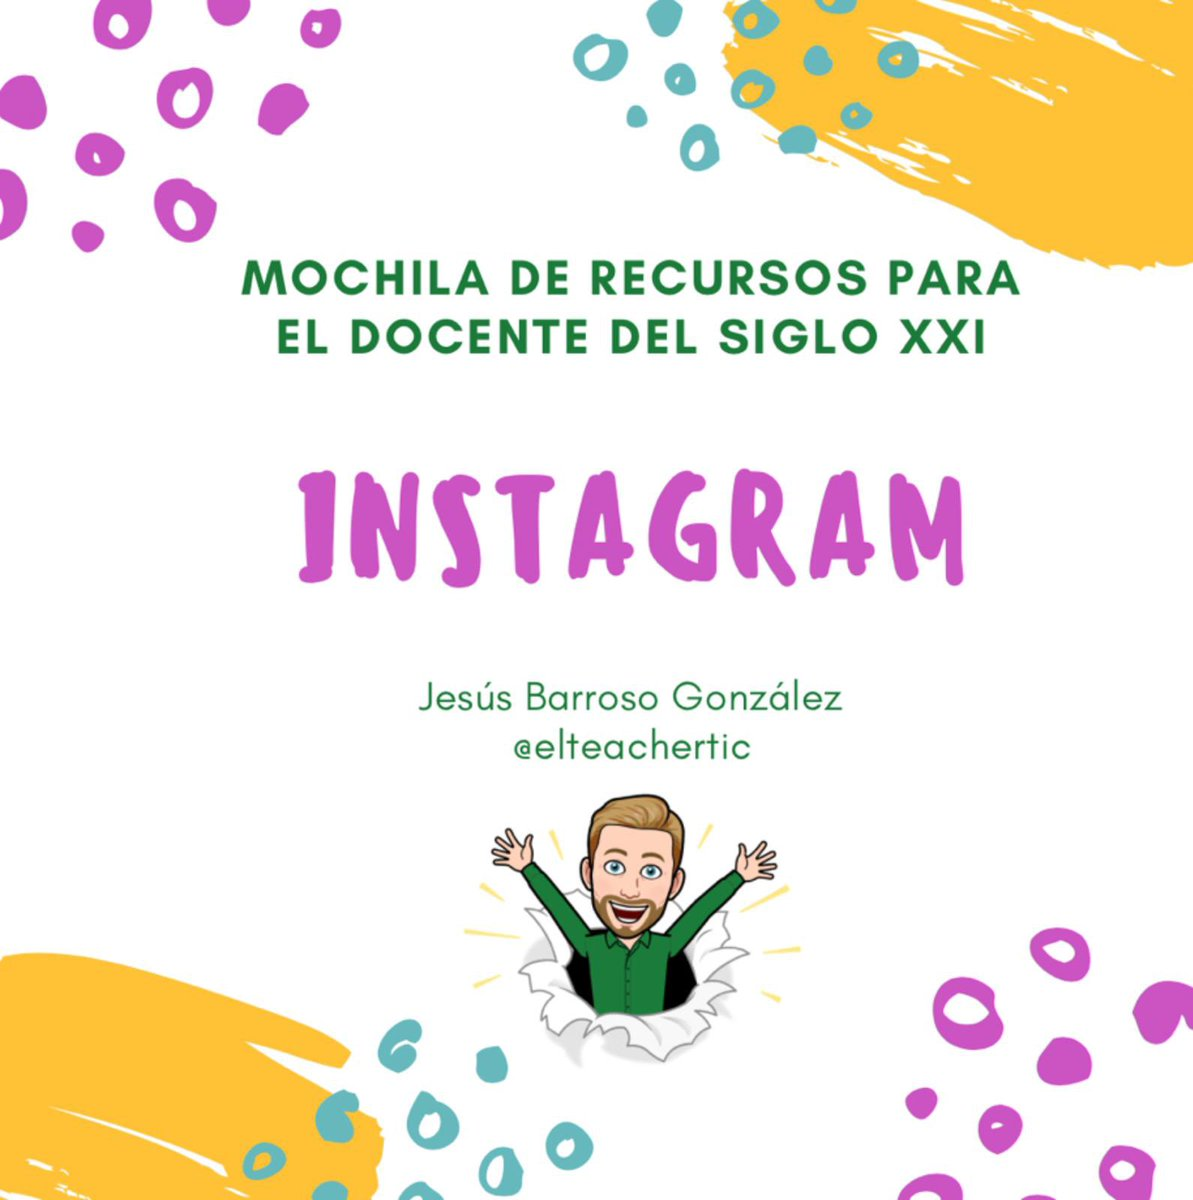 Seguimos llenando la mochila con recursos para el docente del s. XXI. Hoy @Jesusbarroso84 abre la ventana de #Instagram, un mundo de ideas e inspiración docente y discente #formaciónCyL #tiCYL